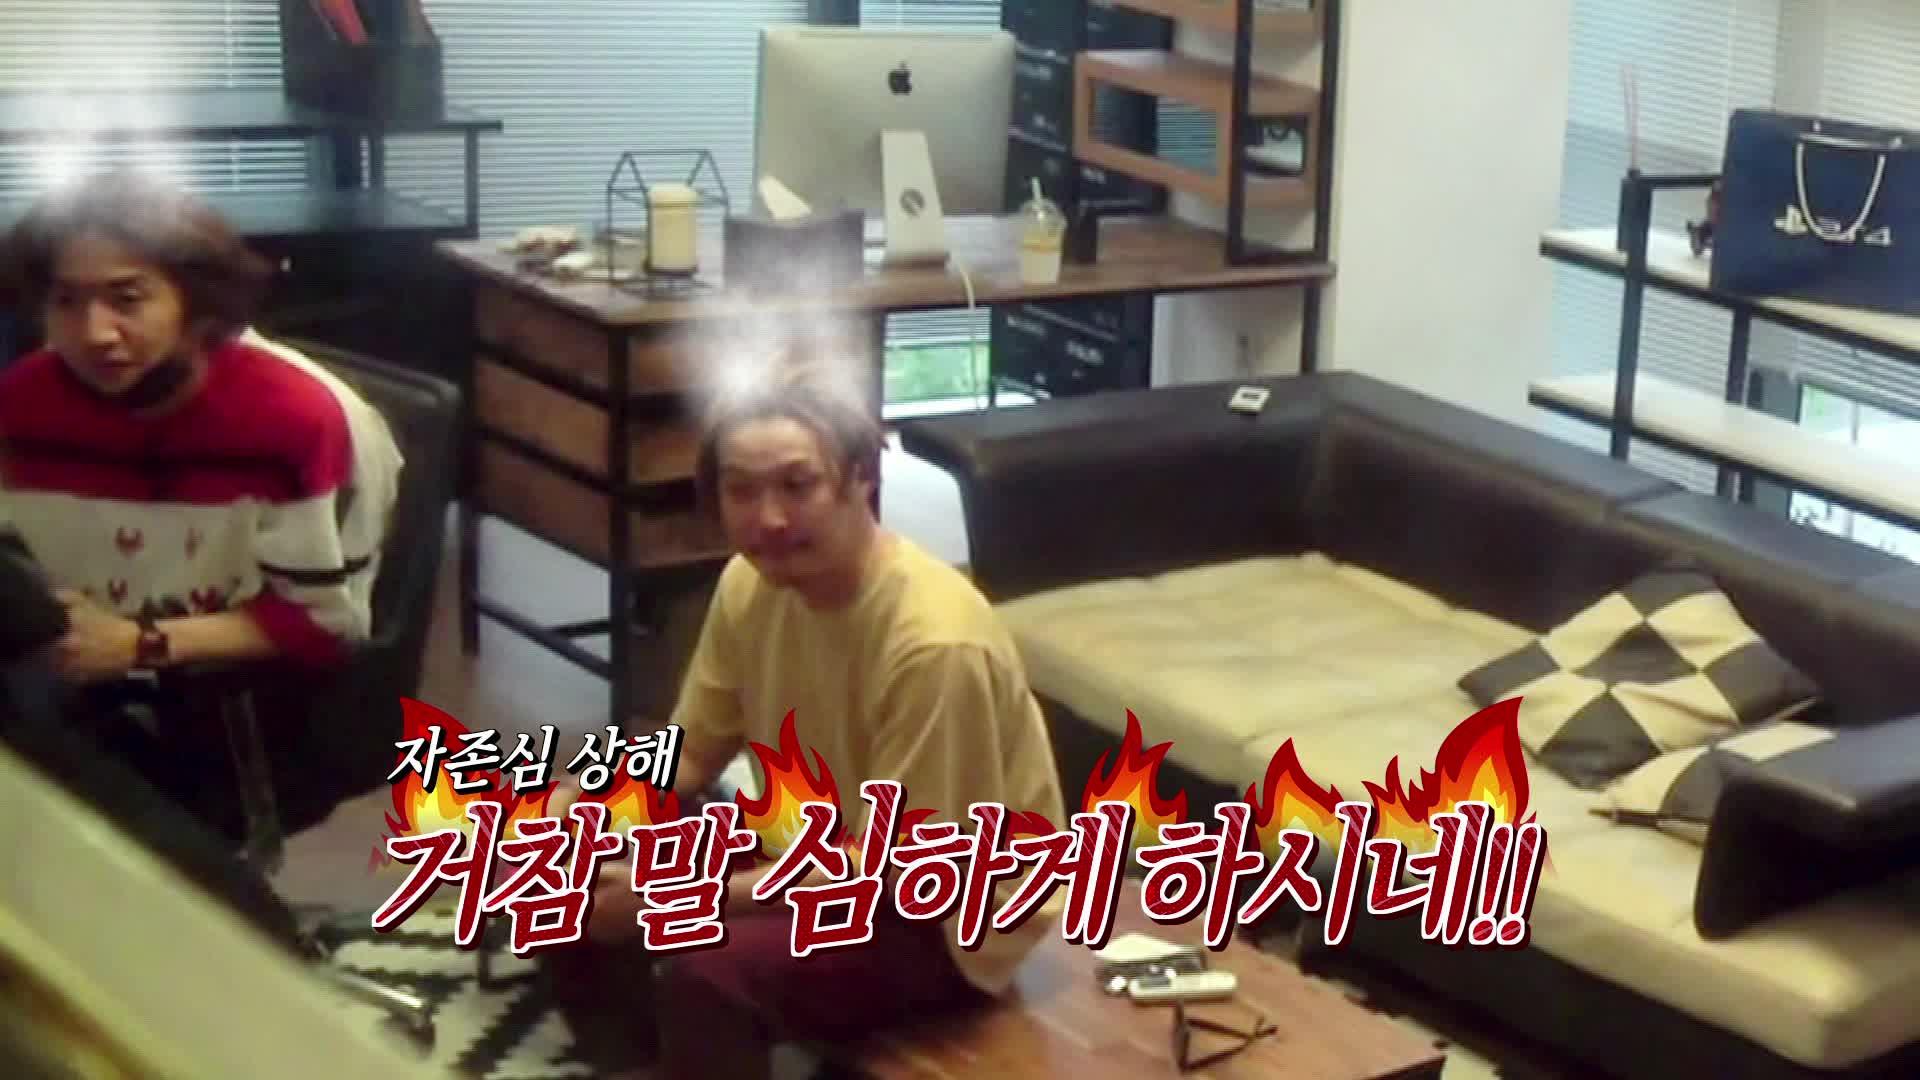 빅픽처 ep83_꾹이x하하x광수의 전격 얼굴 없는(?) 방송!